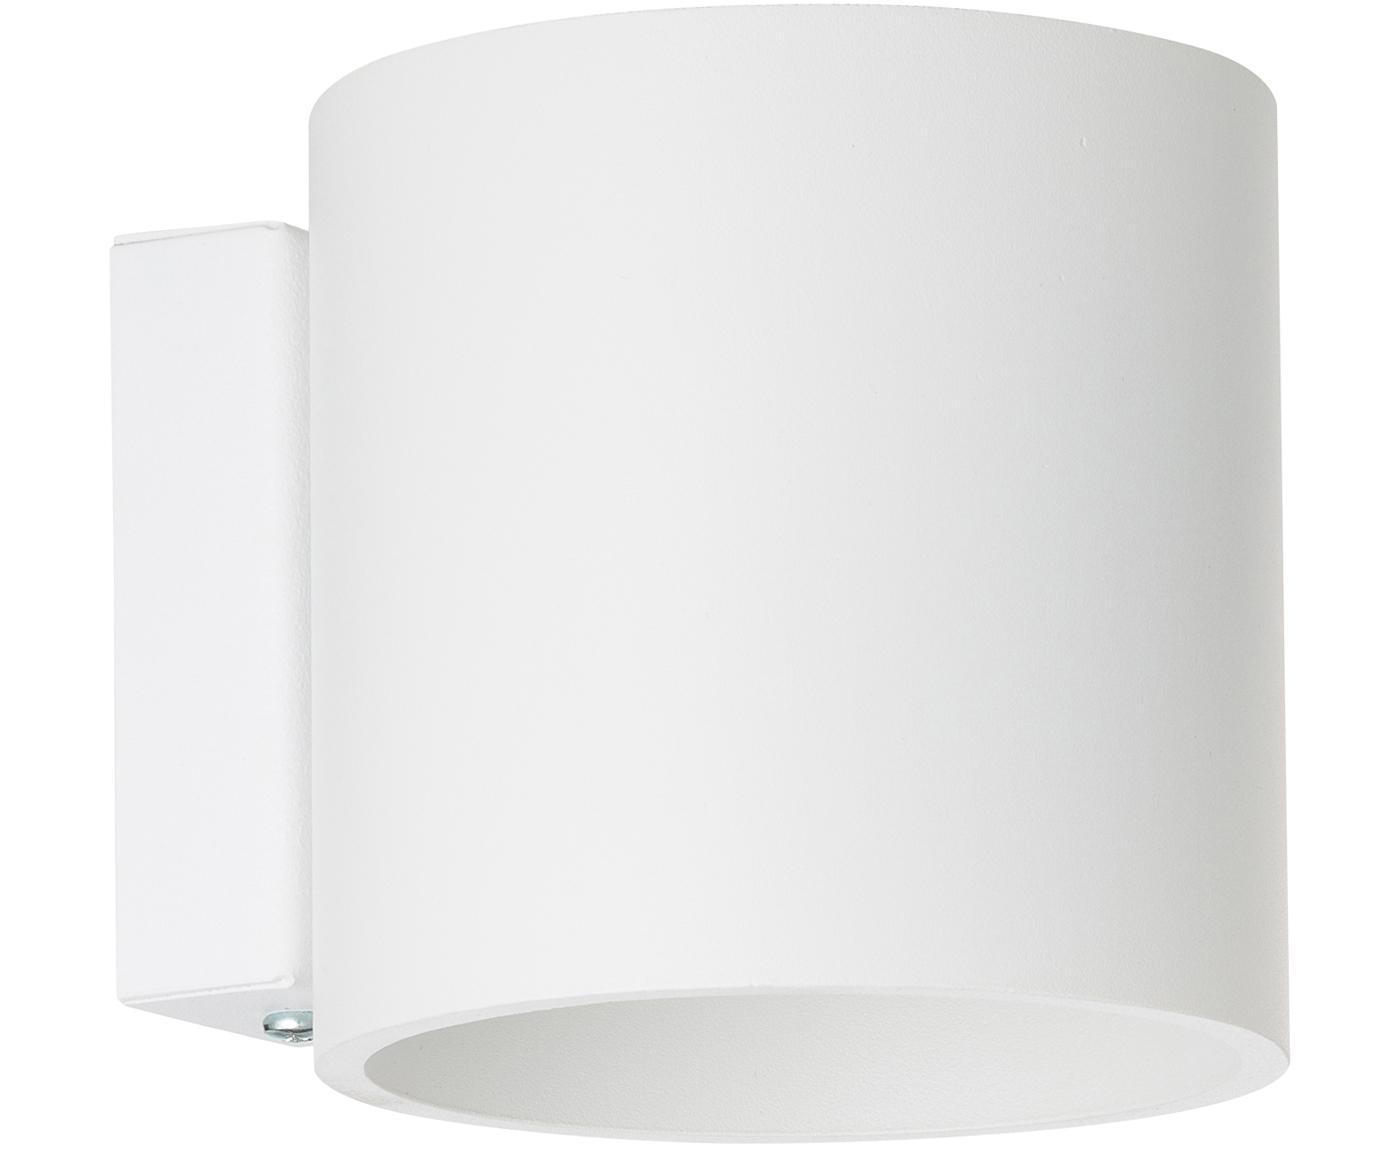 Wandleuchte Roda in Weiss, Aluminium, pulverbeschichtet, Weiss, 10 x 10 cm